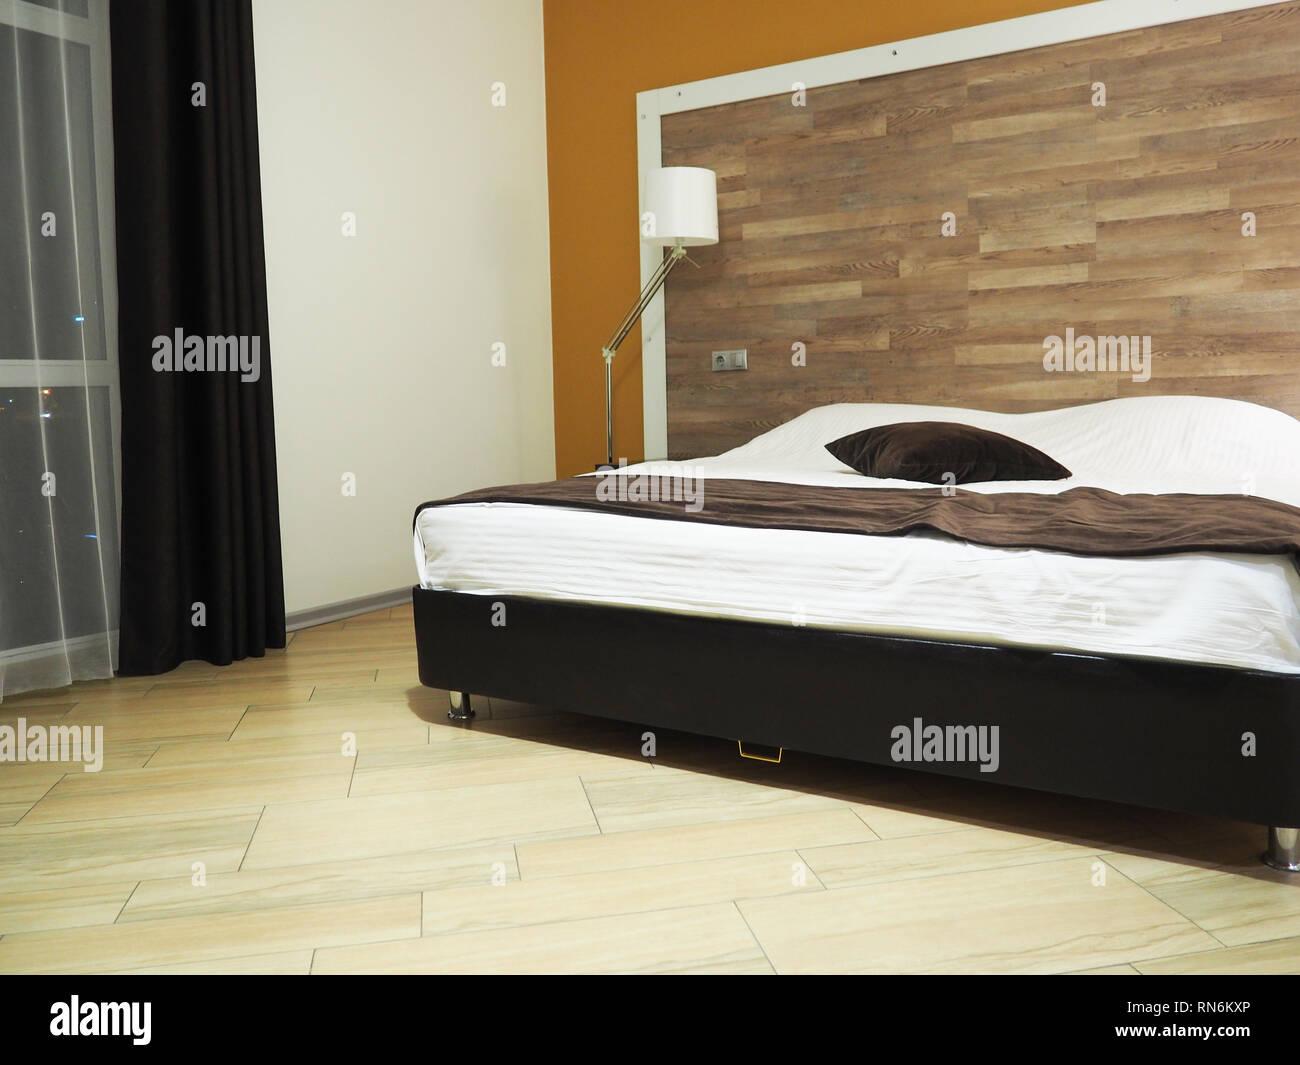 Hotel Room Condominium Or Apartment Doorway With Open Door In